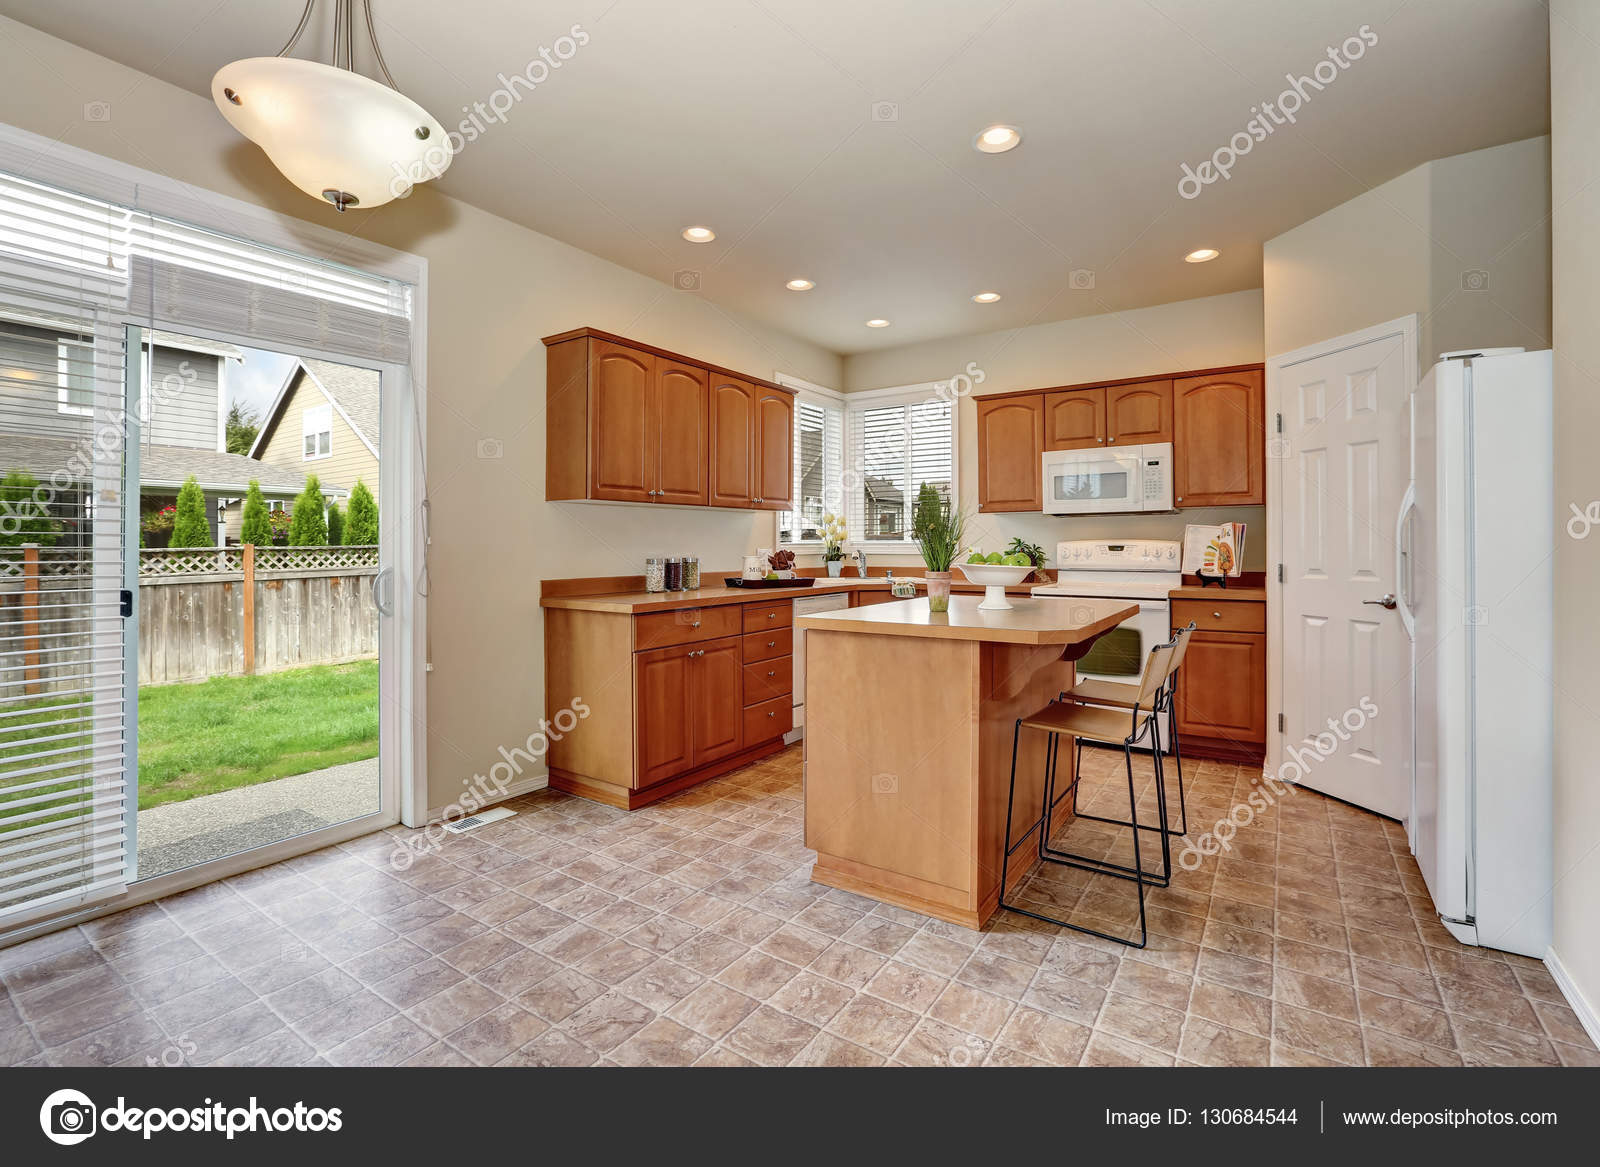 Klassischen Stil Küche Interieur mit Fliesenboden — Stockfoto ...